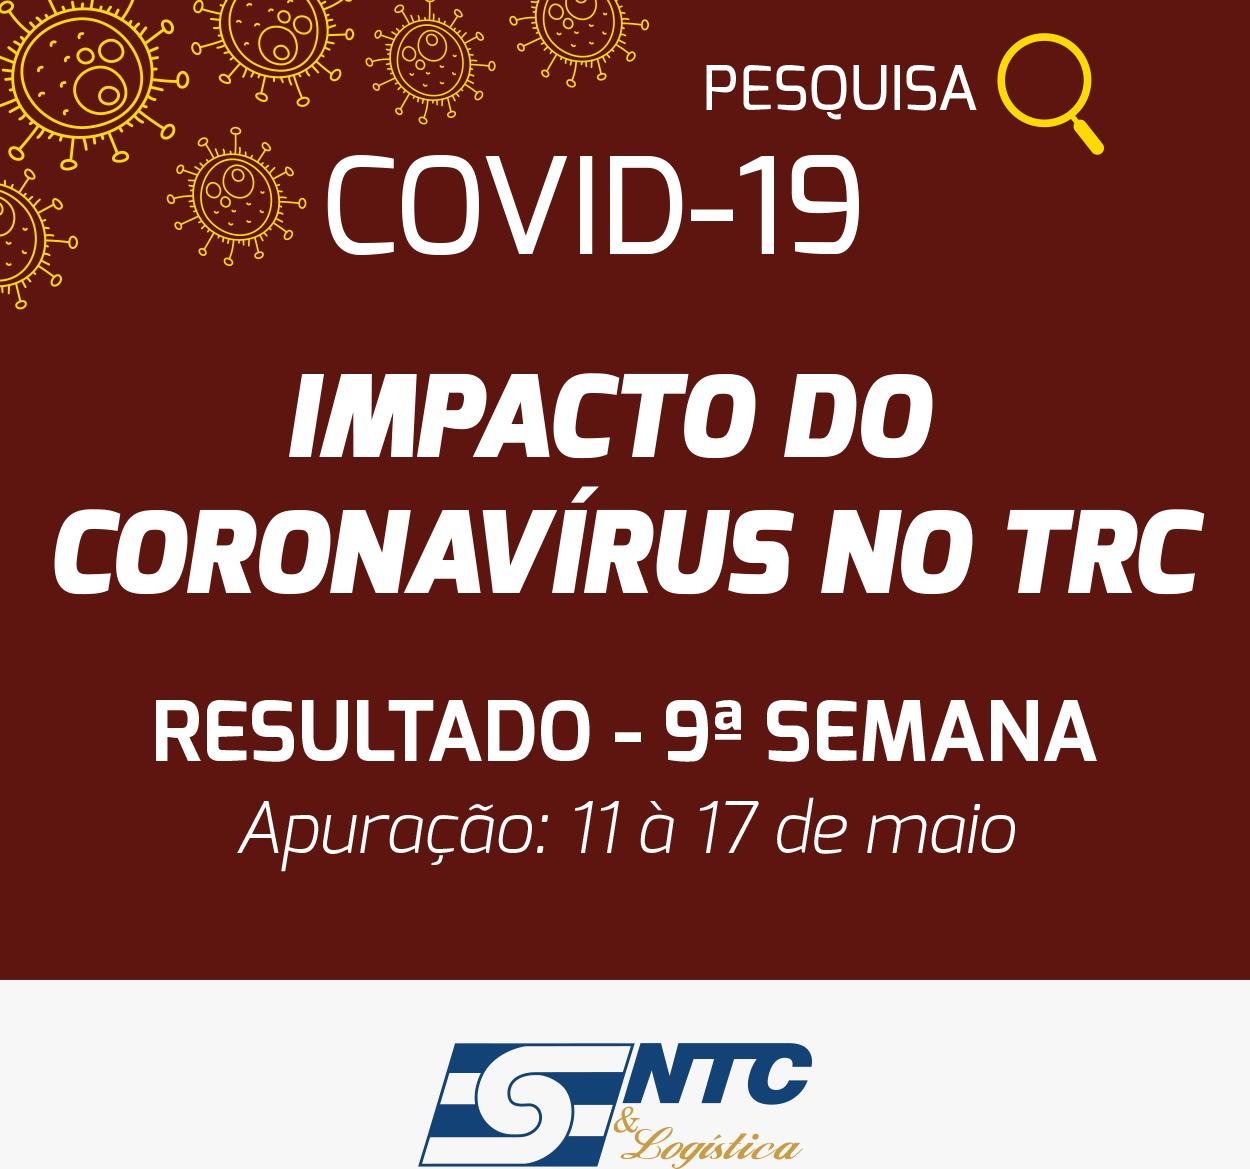 DECOPE divulga a nona pesquisa sobre o impacto da Covid-19 no transporte de cargas